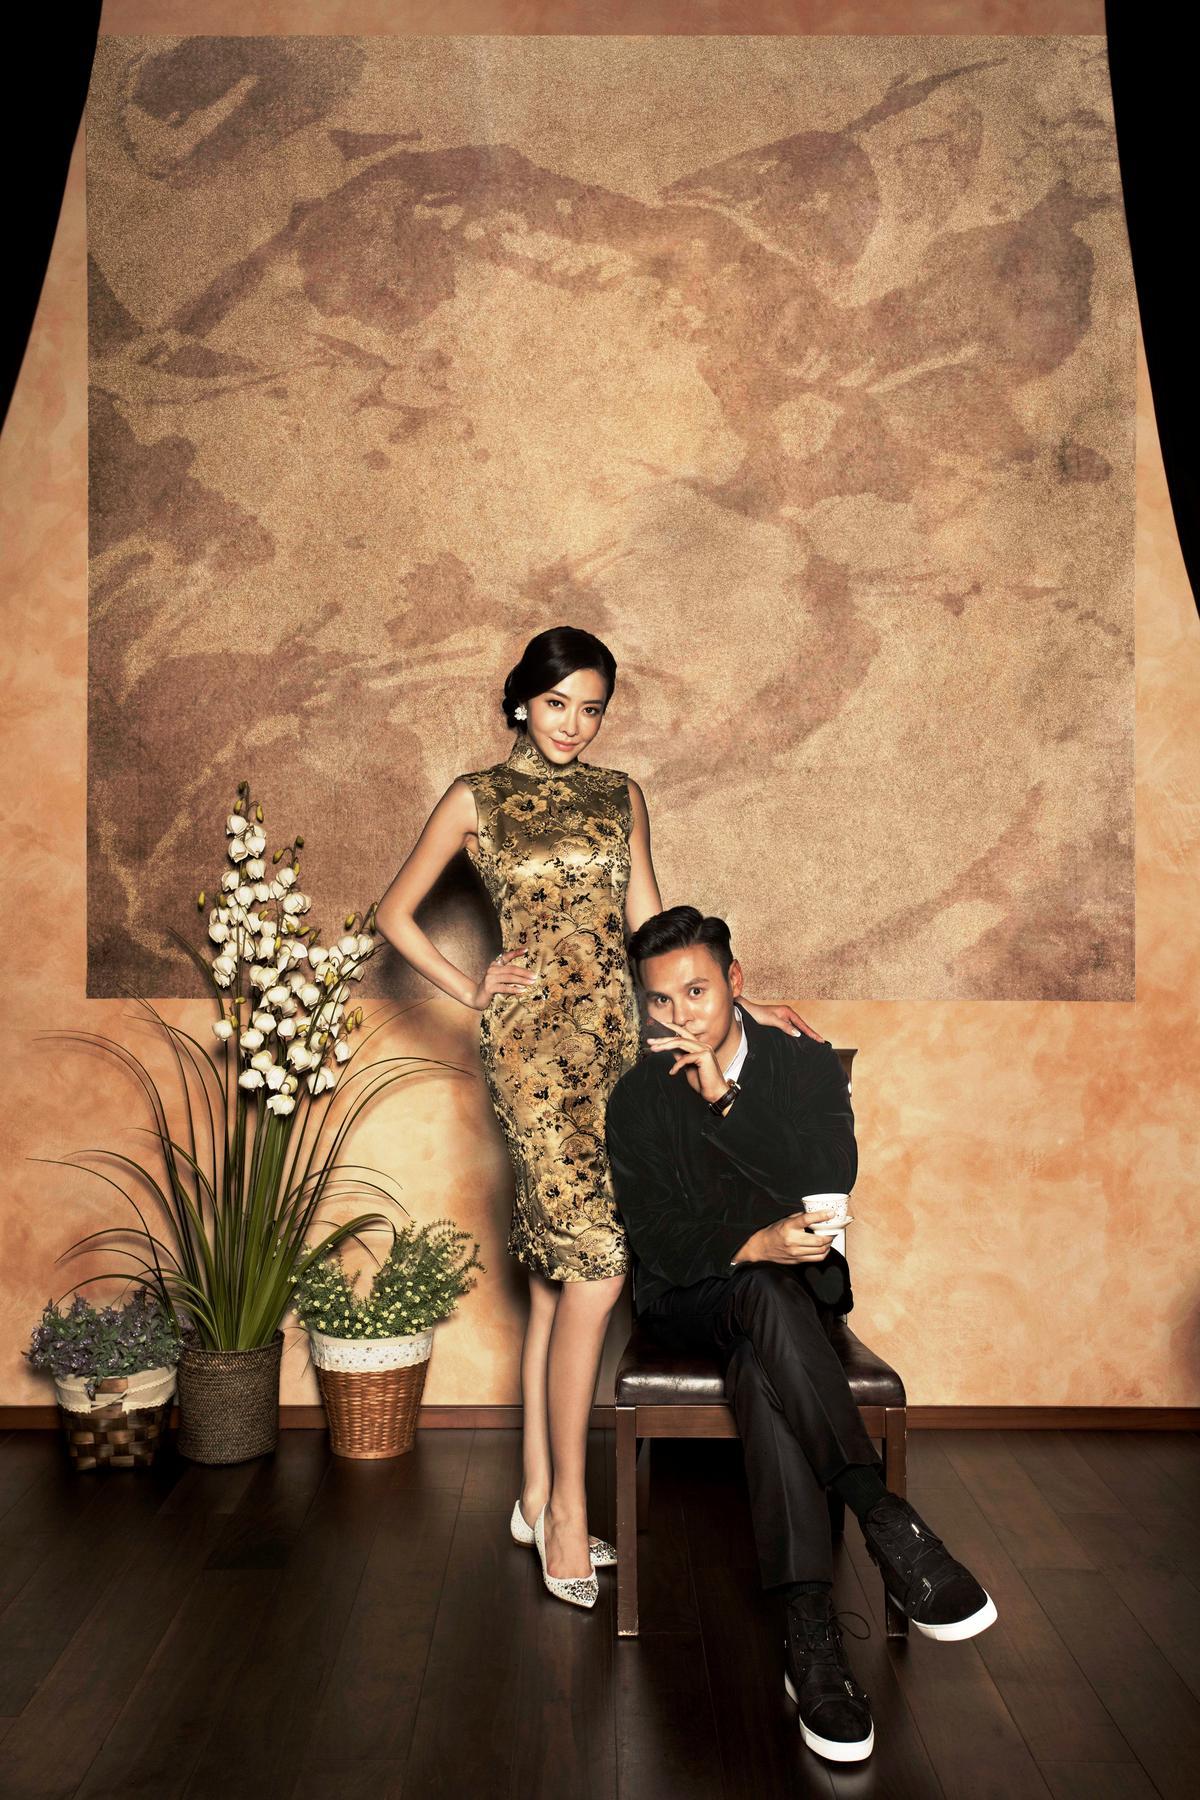 穿著金色旗袍,熊黛林笑言:「我找到自己的葉問啦。」